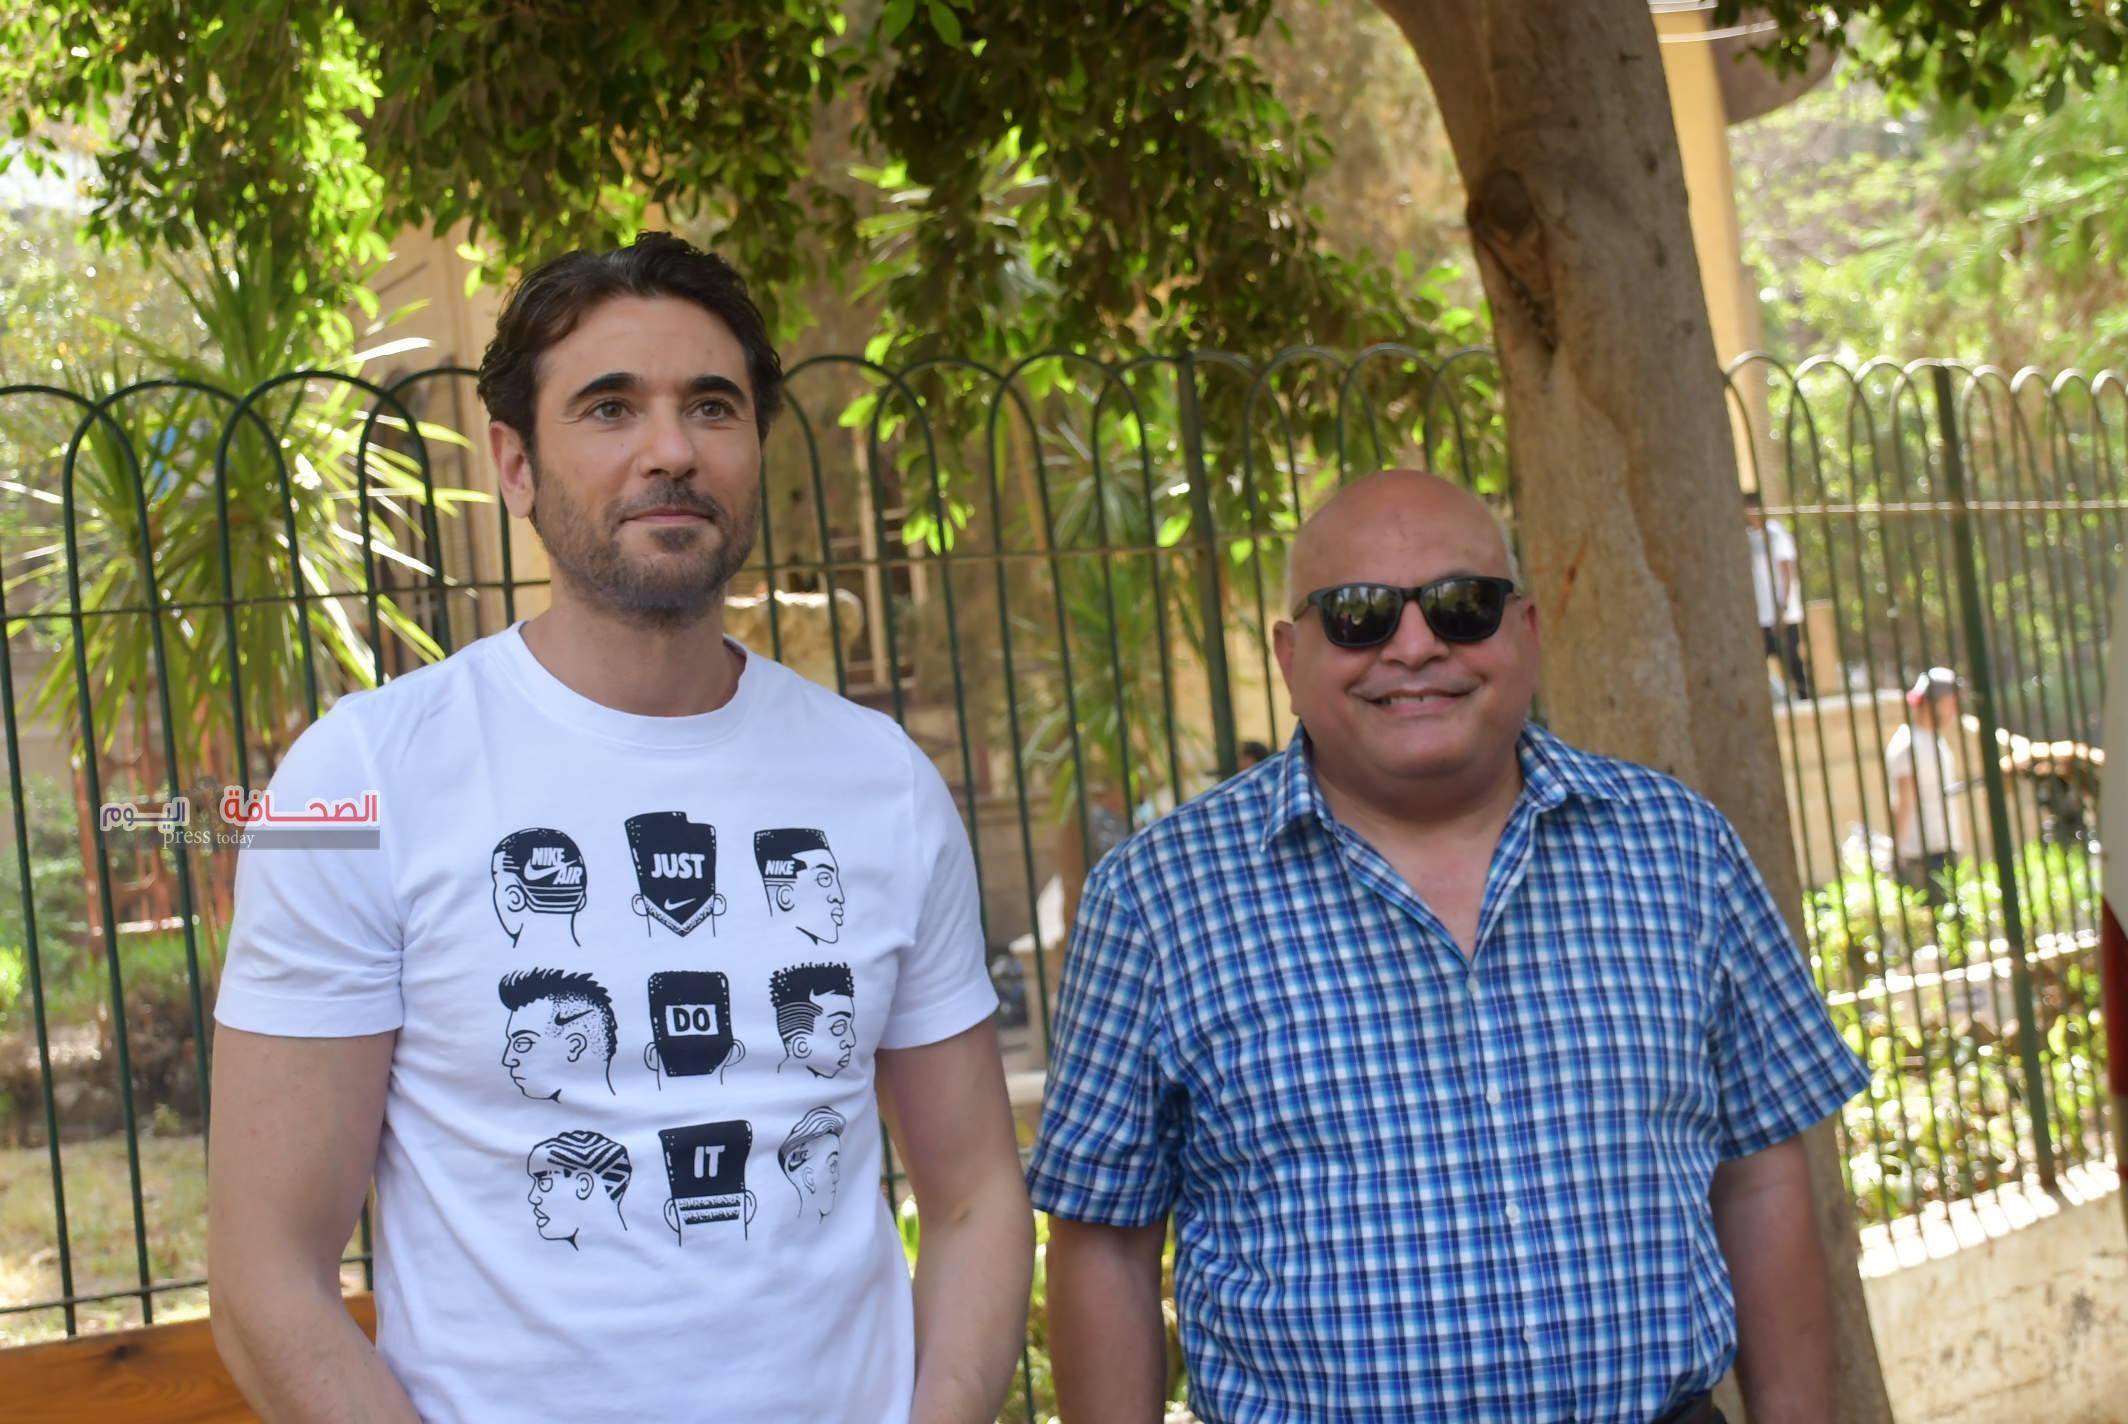 """تعرف على :سبب تصوير """"أحمد عز"""" مشاهد مسلسل """"هجمة مرتدة"""" بحديقة الحيوان بالجيزة"""